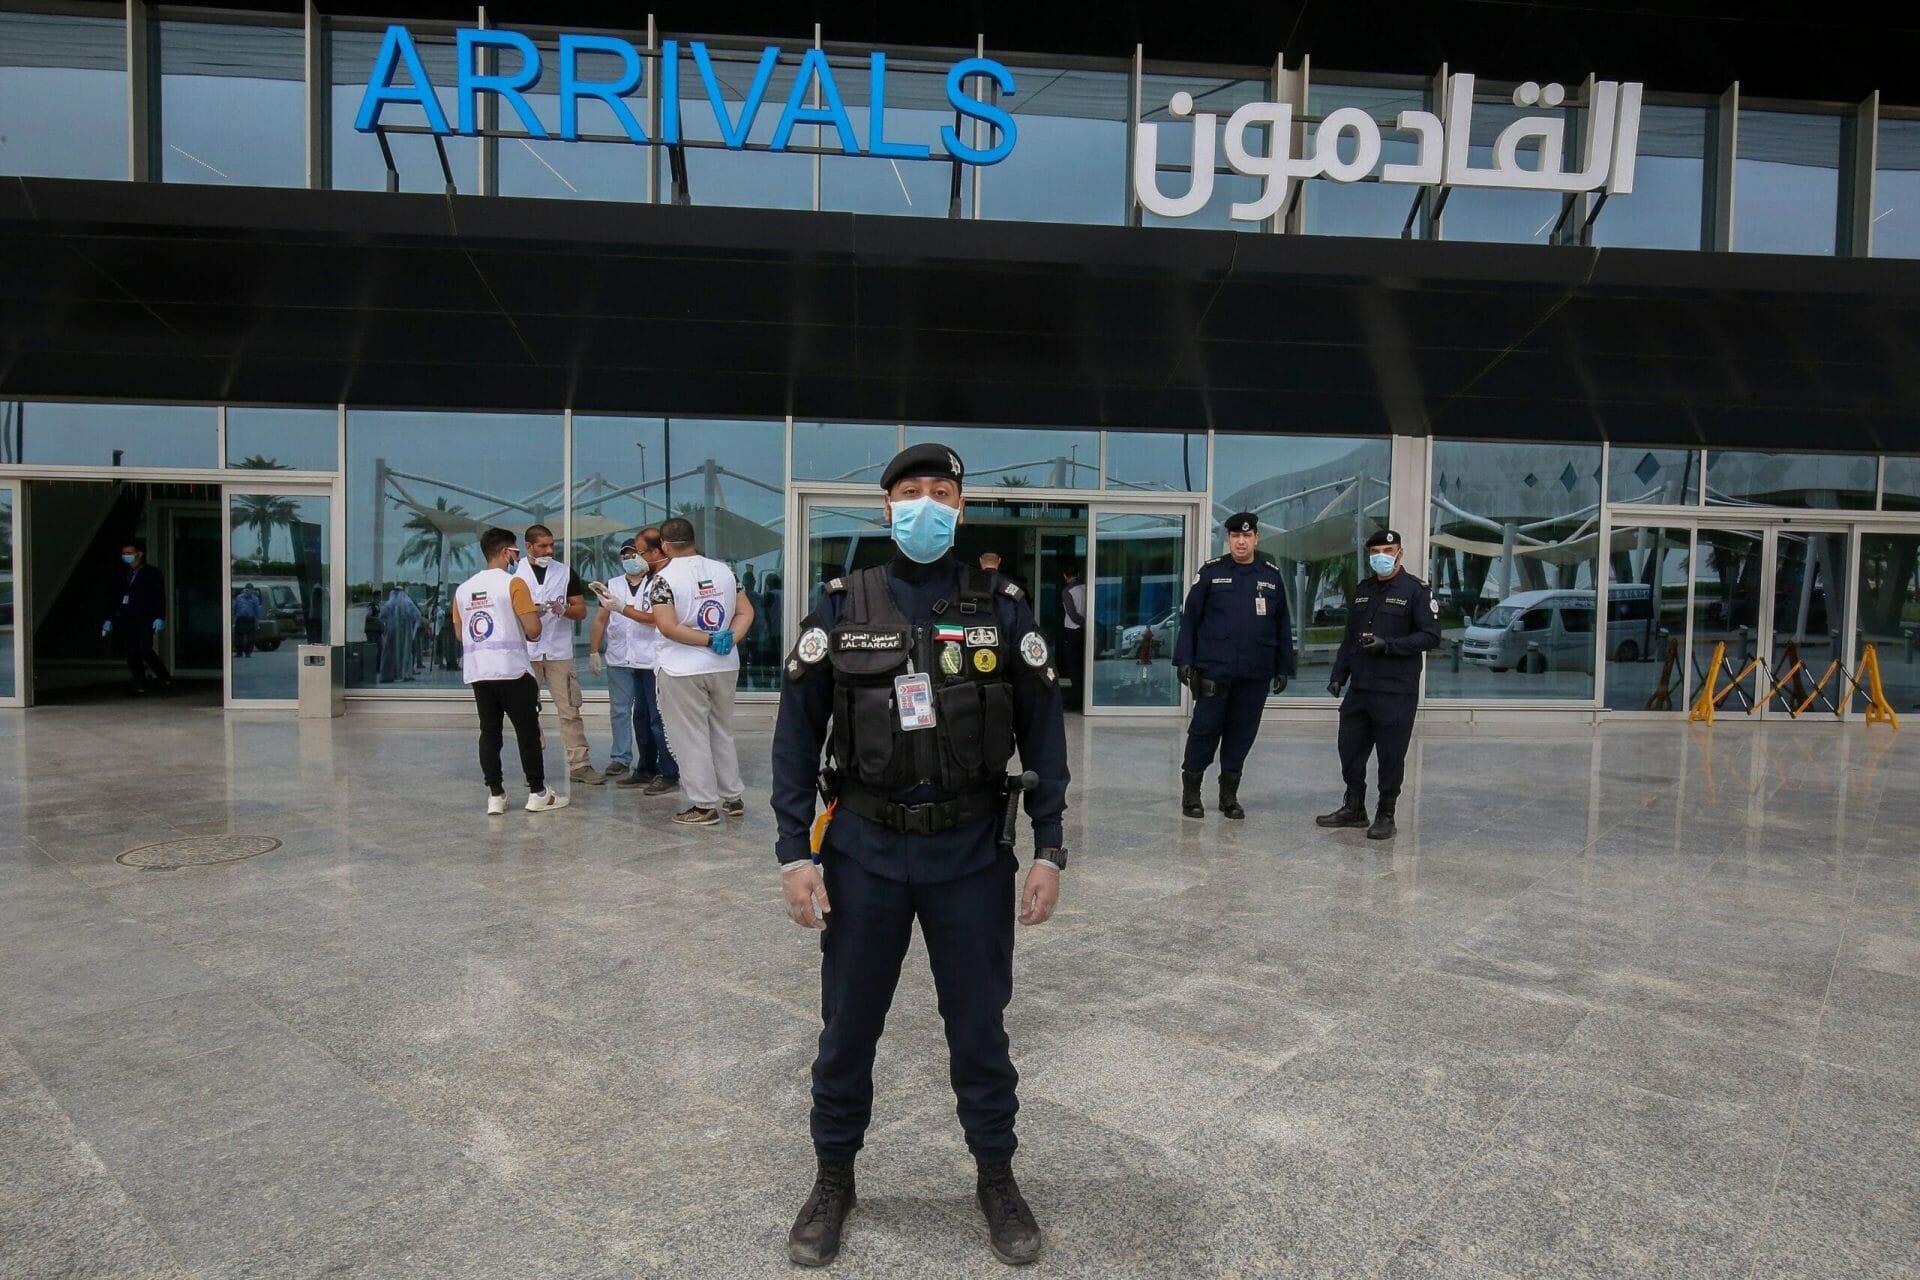 الكويت تعلن هذا القرار العاجل بشأن القادمين من سلطنة عمان وقطر